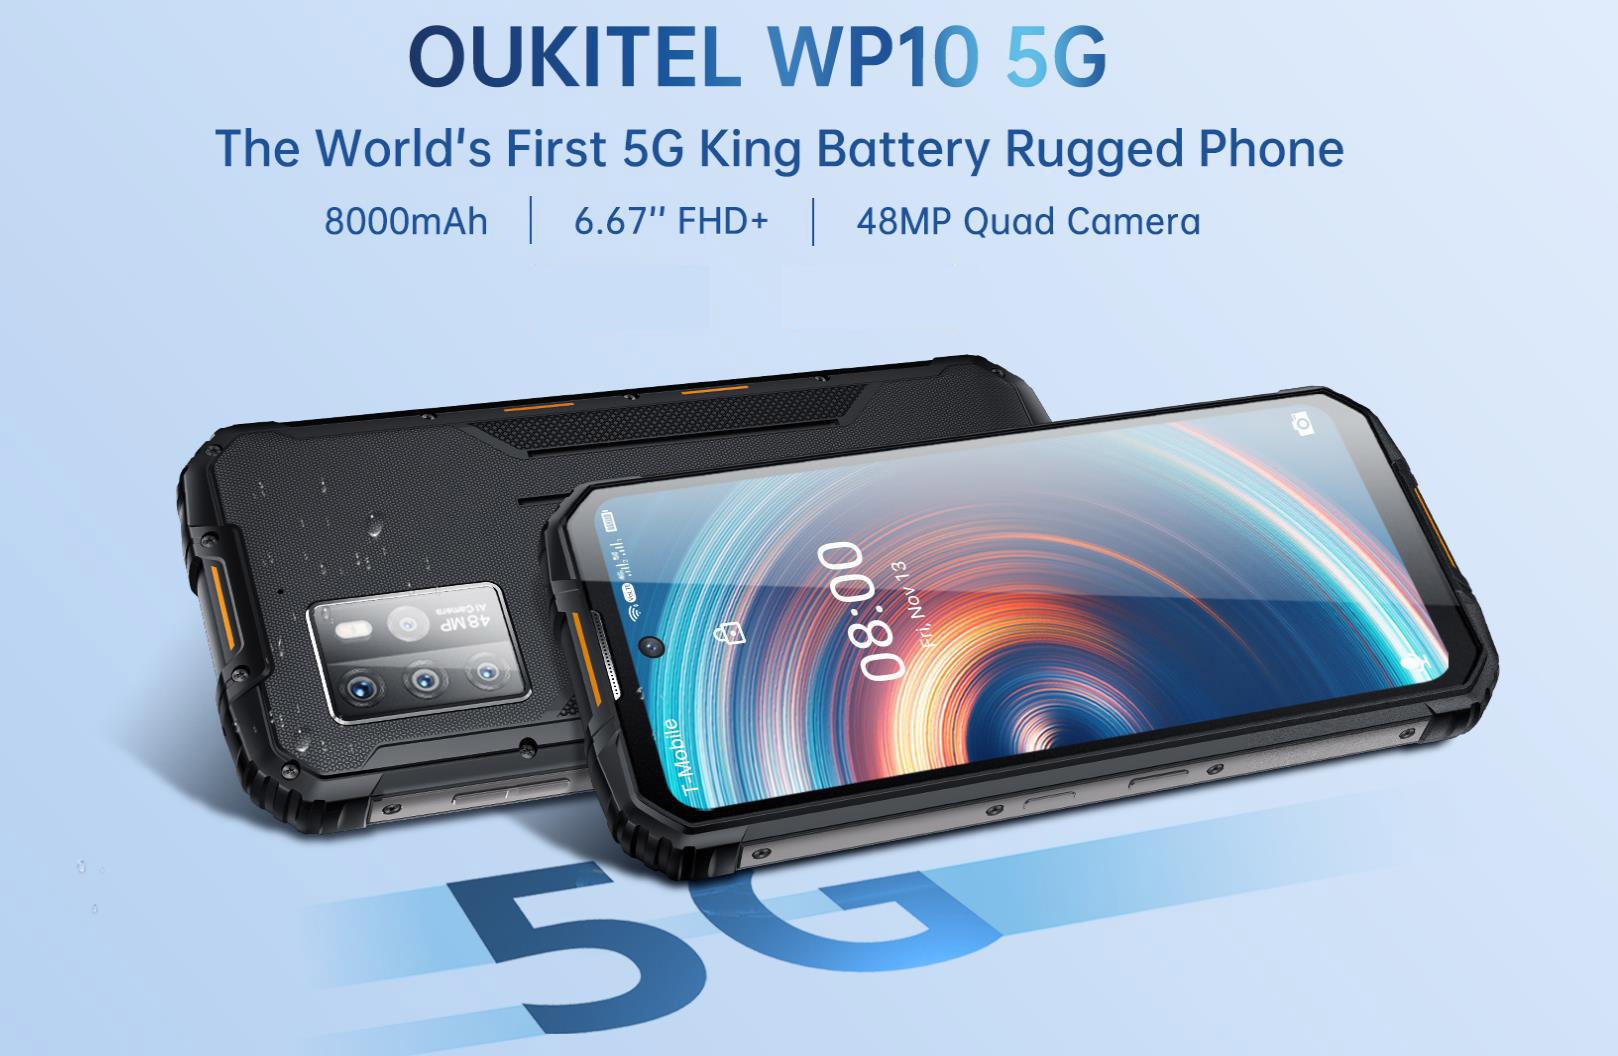 Akciós az 5G-s Oukitel WP10 a hivatalos Ali boltban 10